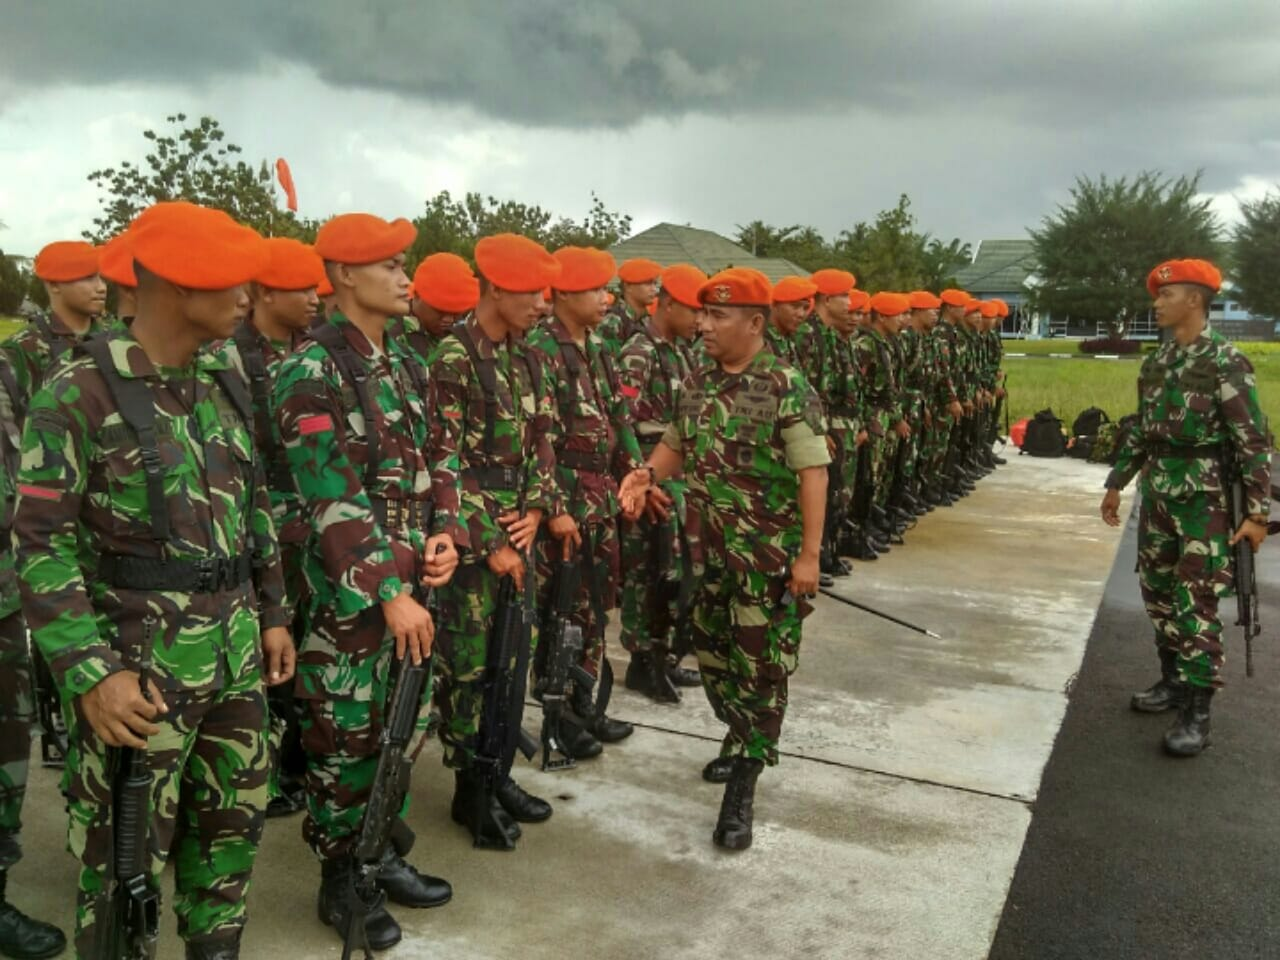 DANYONKO 465 PASKHAS MELEPAS KEBERANGKATAN PERSONEL PAM OBVIT DI LINGKUNGAN MABES TNI DAN KEMHAN